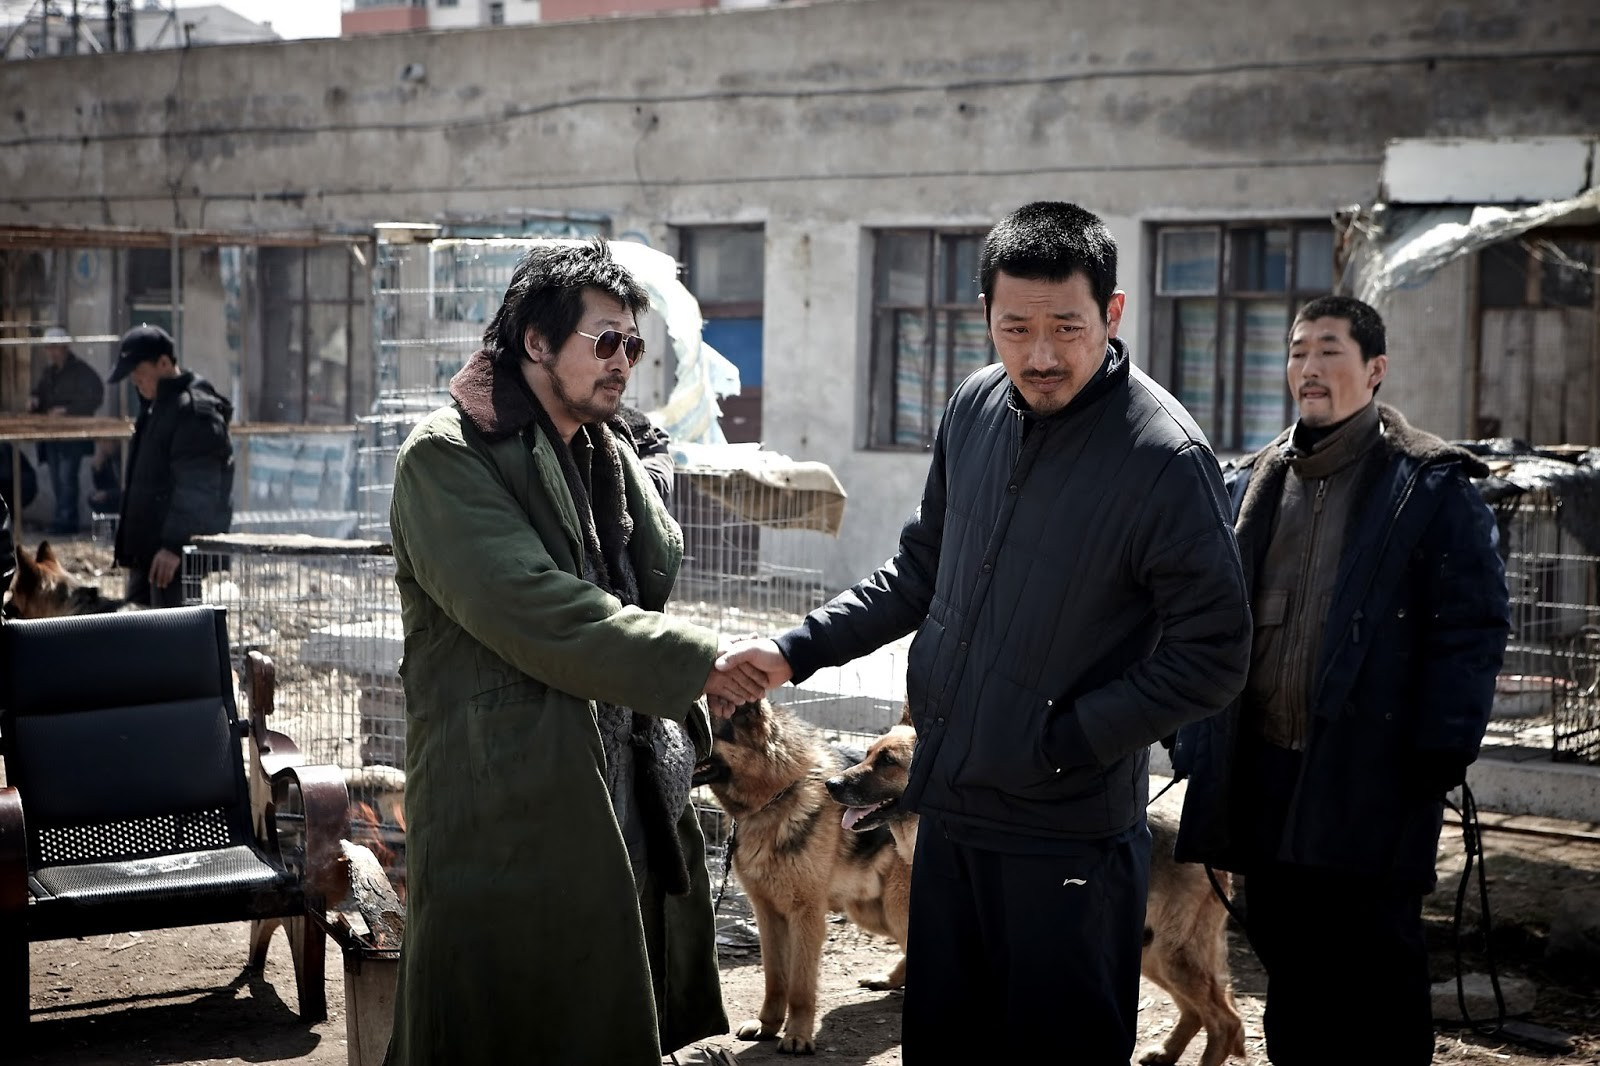 10 phim Hàn siêu hay nhưng kết siêu thảm đưa người xem đến tận cùng tuyệt vọng (Phần cuối) - Ảnh 2.